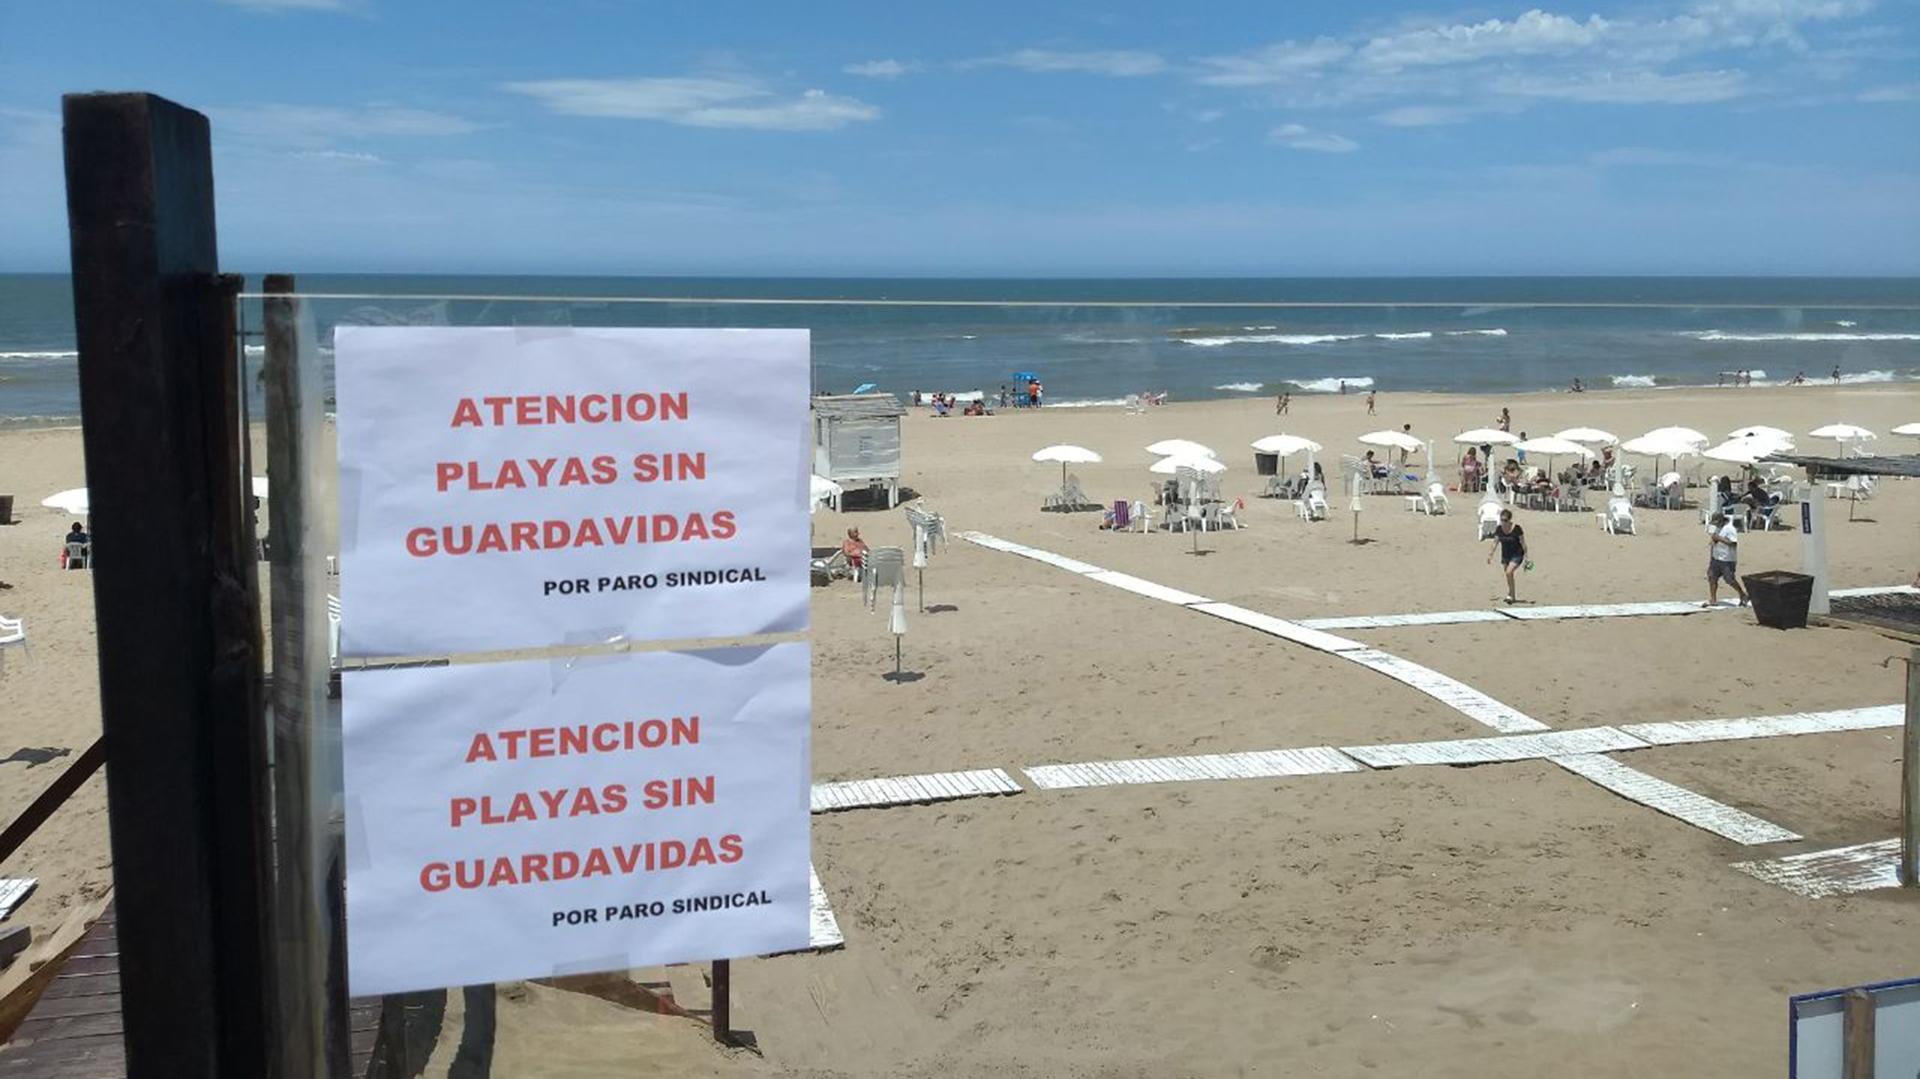 Una de las playas de Cariló advierte de la falta de guardavidas